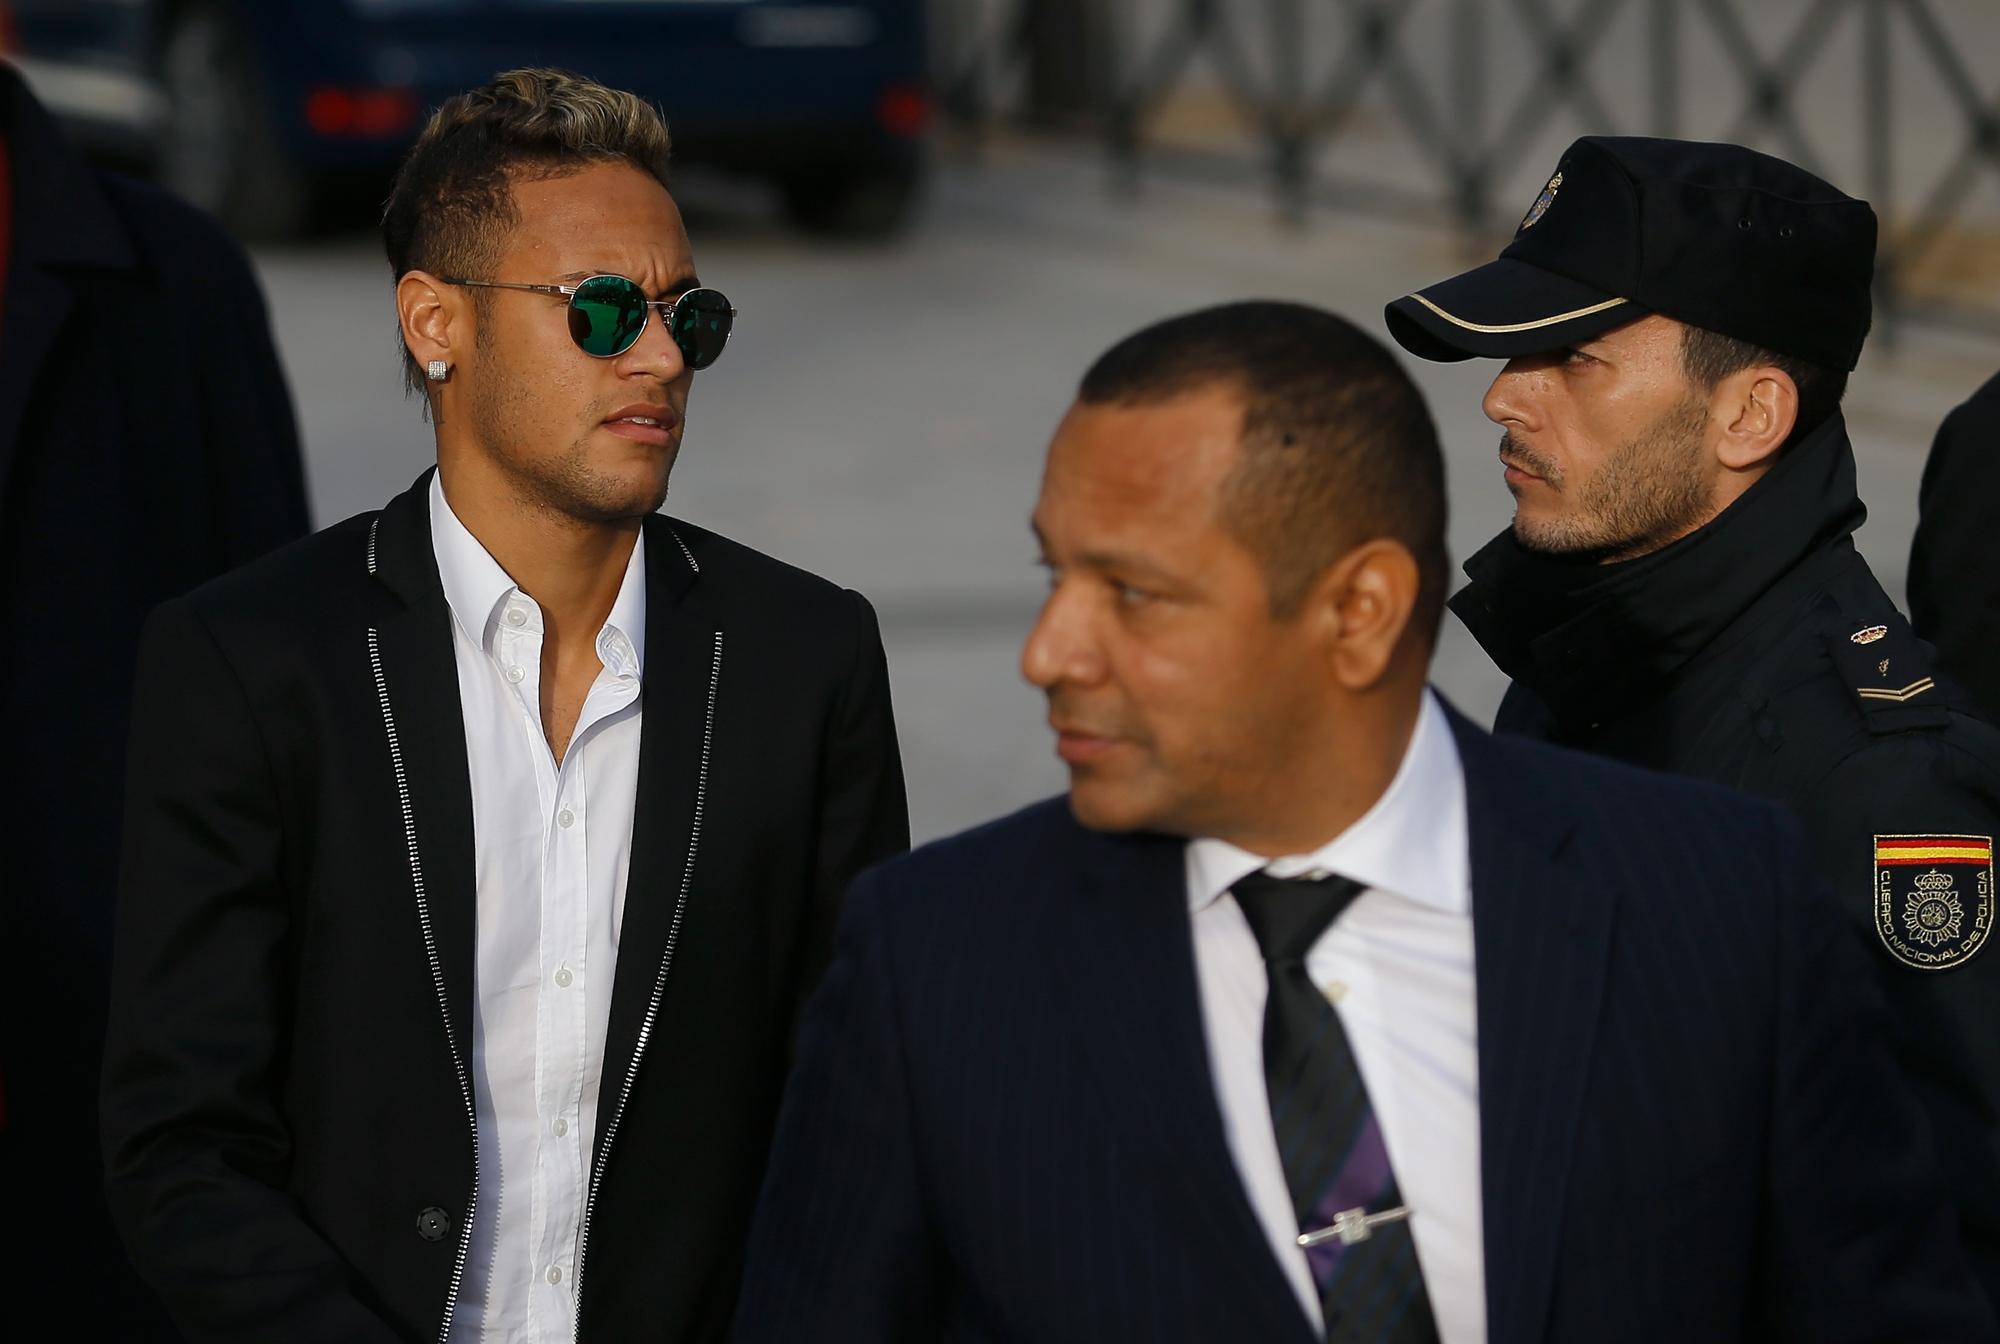 c47adbe372b0e Justiça quebra sigilo, e MP aponta pai de Neymar